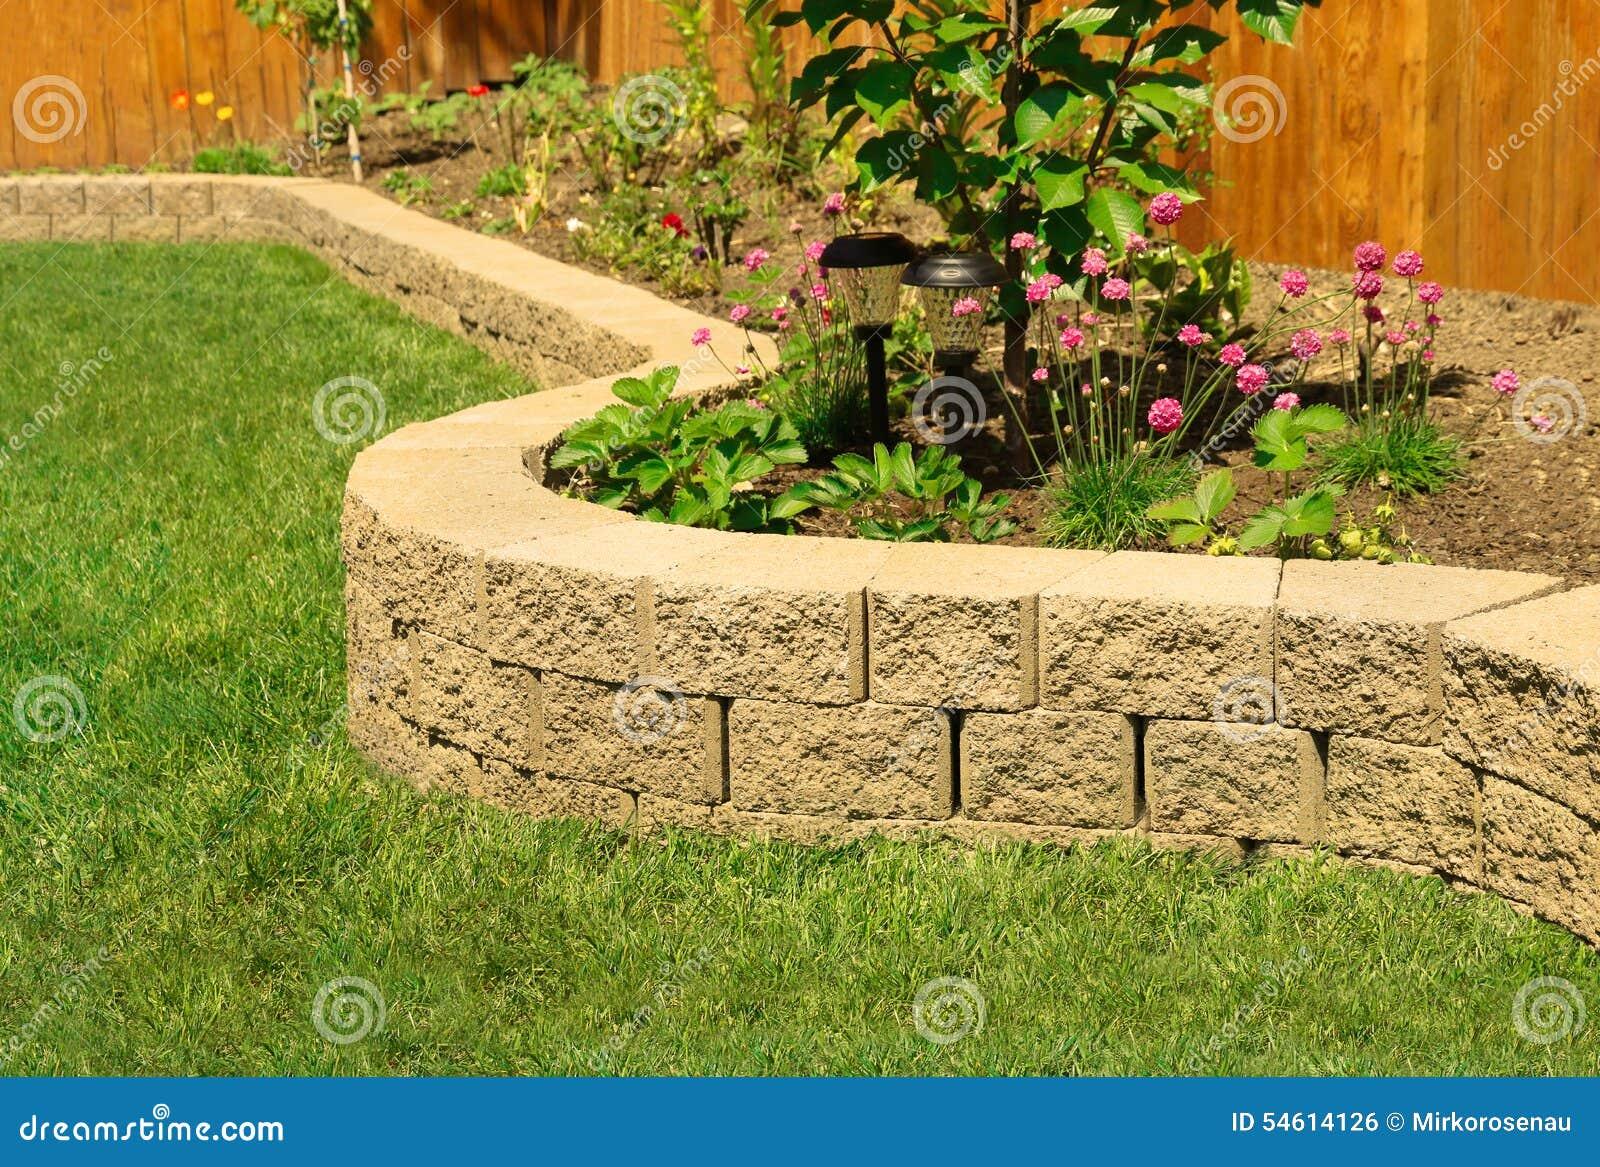 steinwand mit dem perfekten gras das im garten mit k nstlichem gras landschaftlich gestaltet. Black Bedroom Furniture Sets. Home Design Ideas